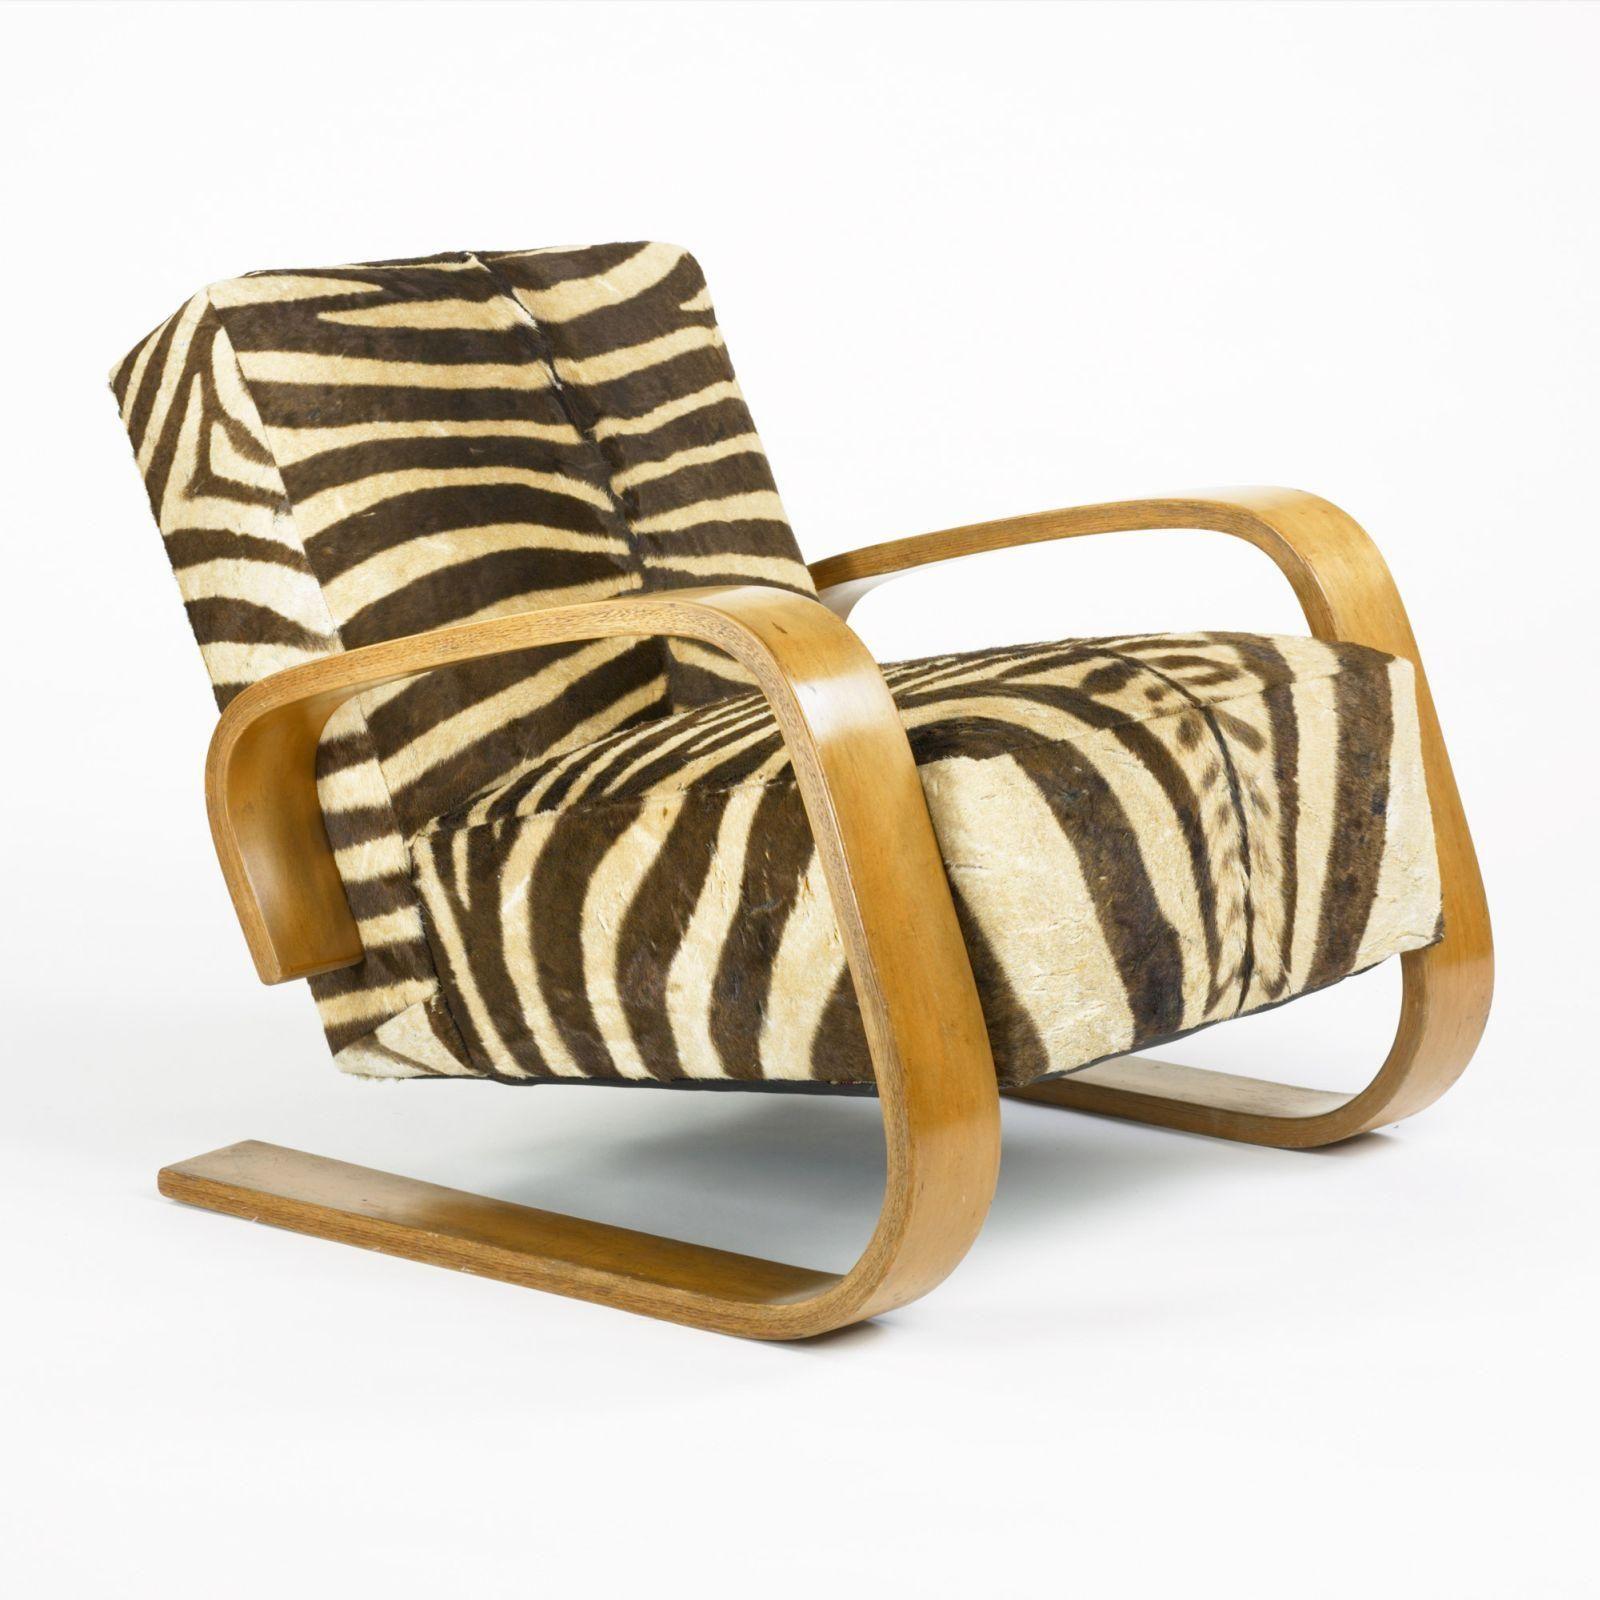 De mooiste deense vintage meubels uit de jaren 50 fint for Deense meubels vintage